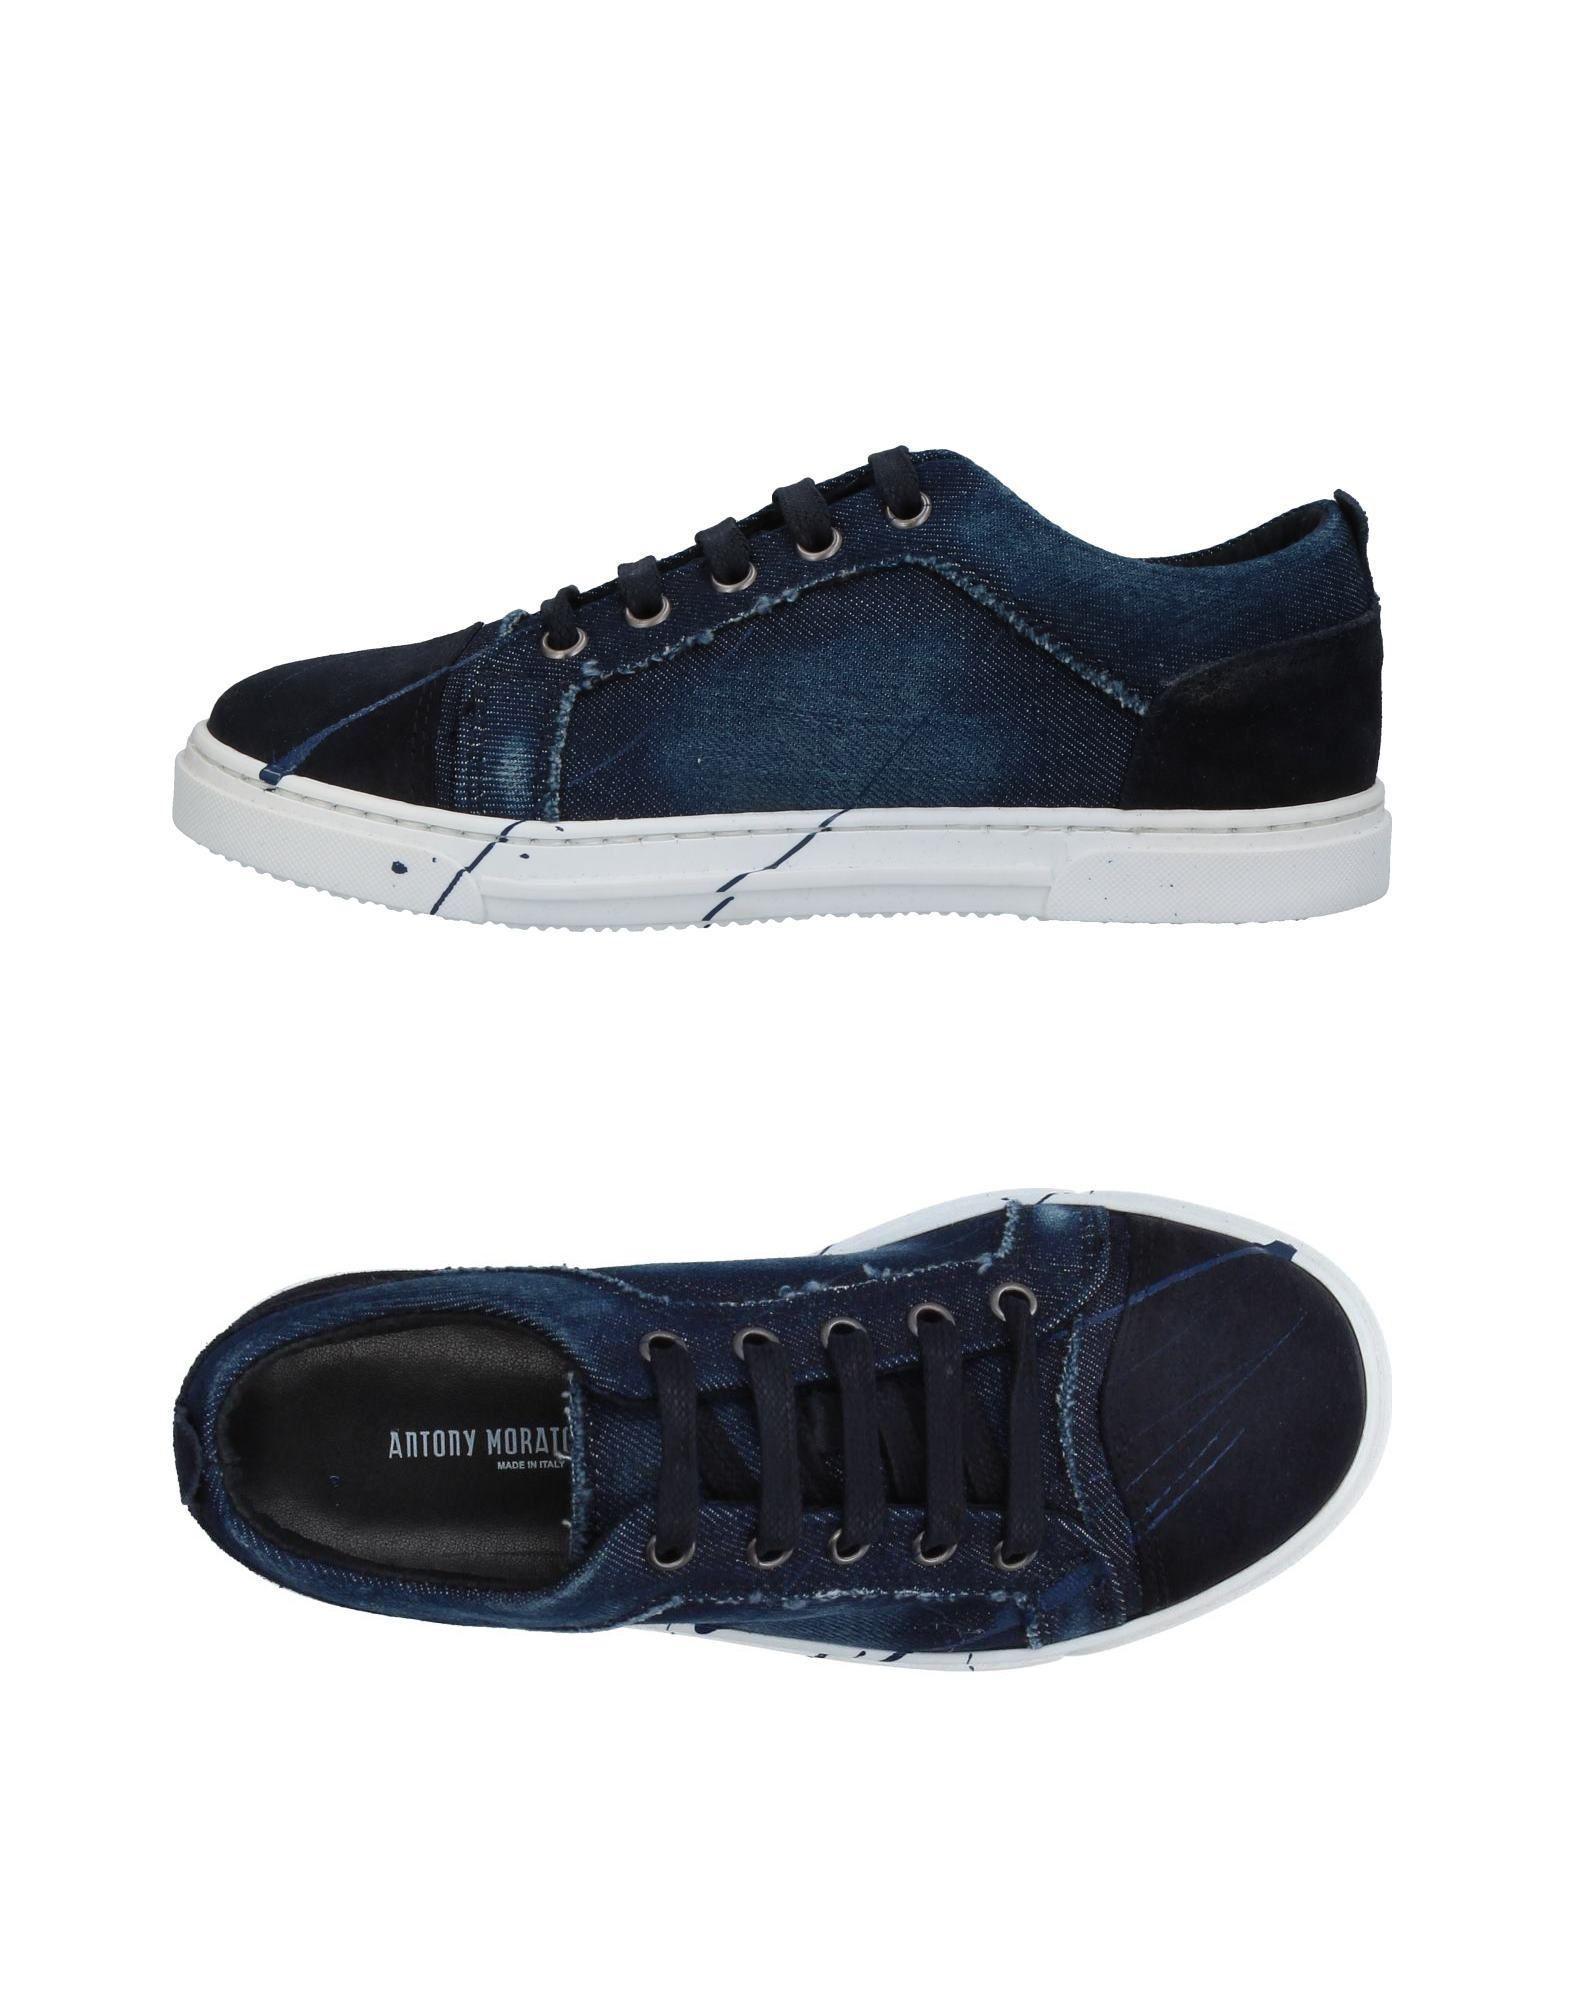 Morato Bas-antony Hauts Et Chaussures De Sport SLQ7wLr